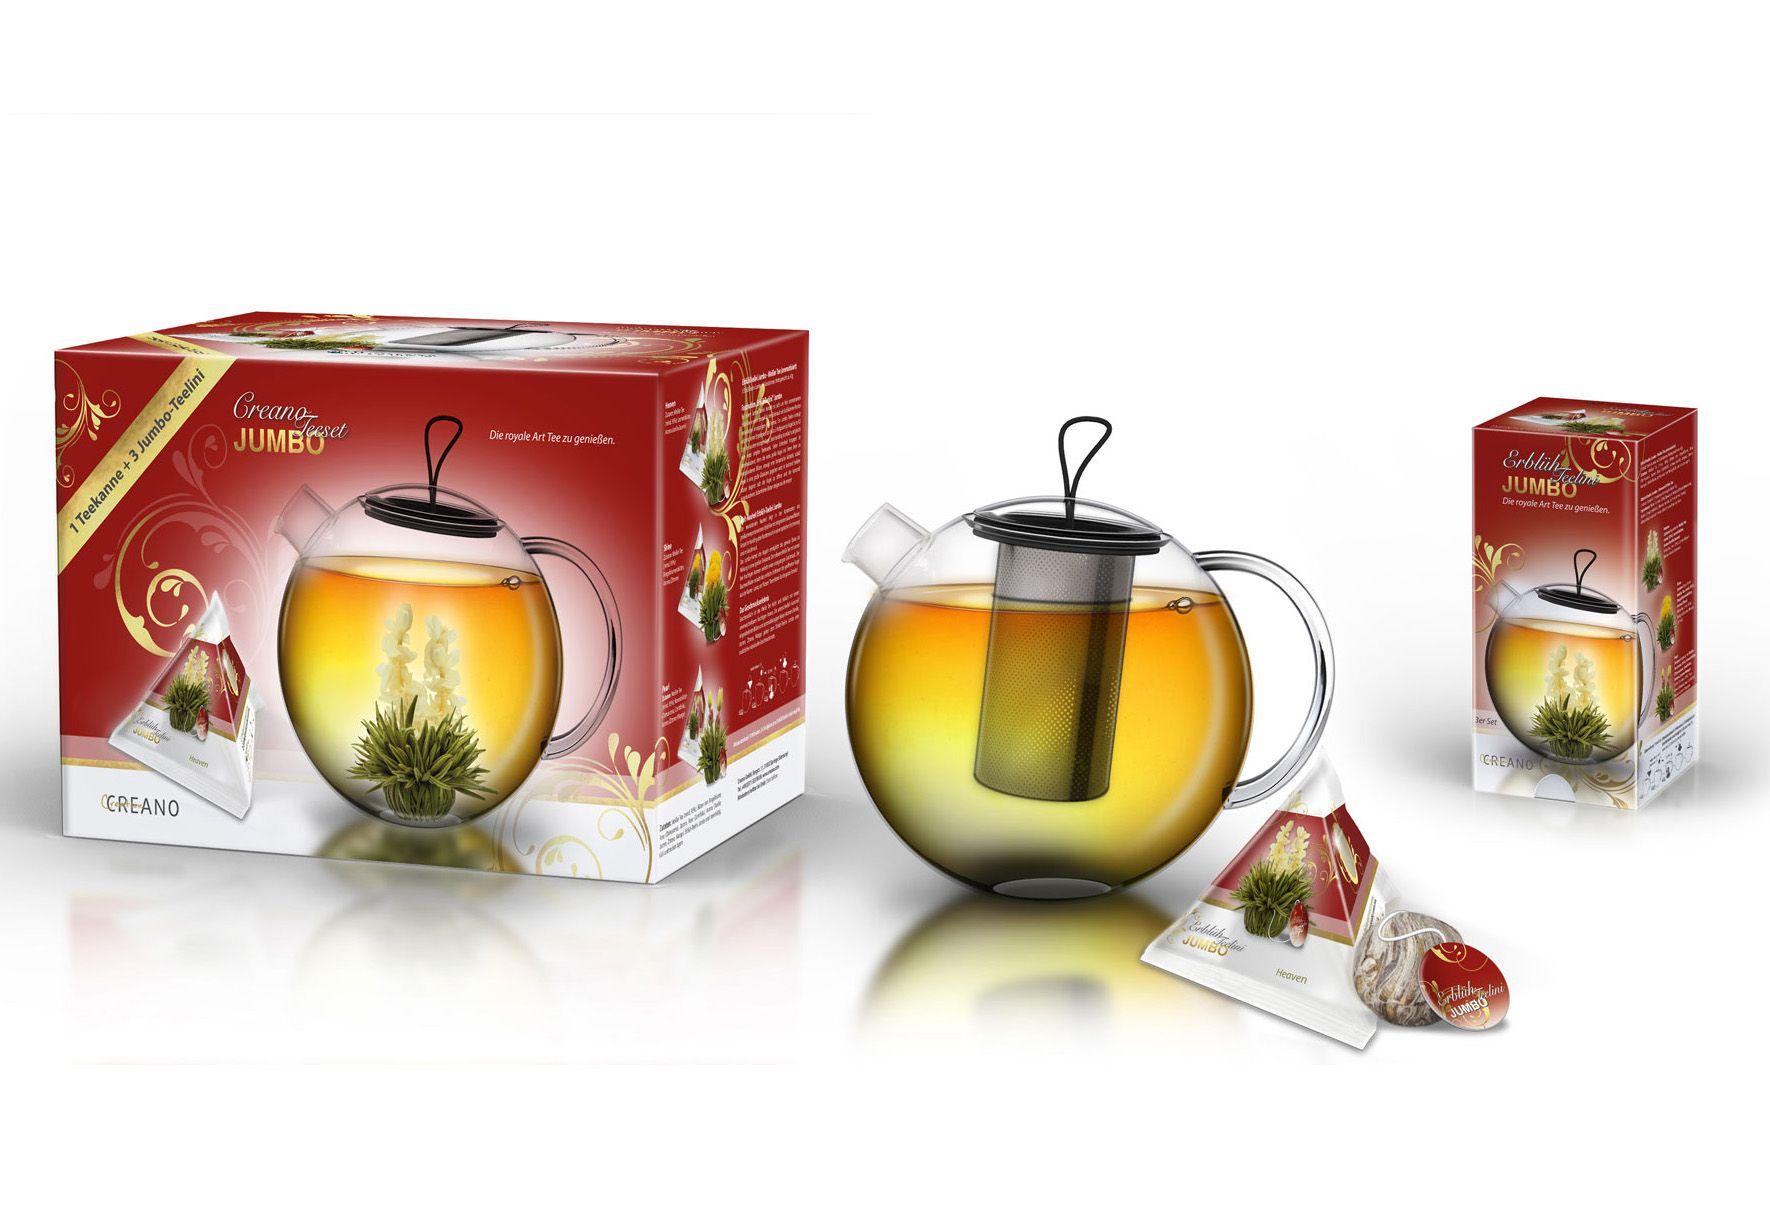 CREANO Creano Erblüh-Teelini JUMBO, »Weißer Tee«